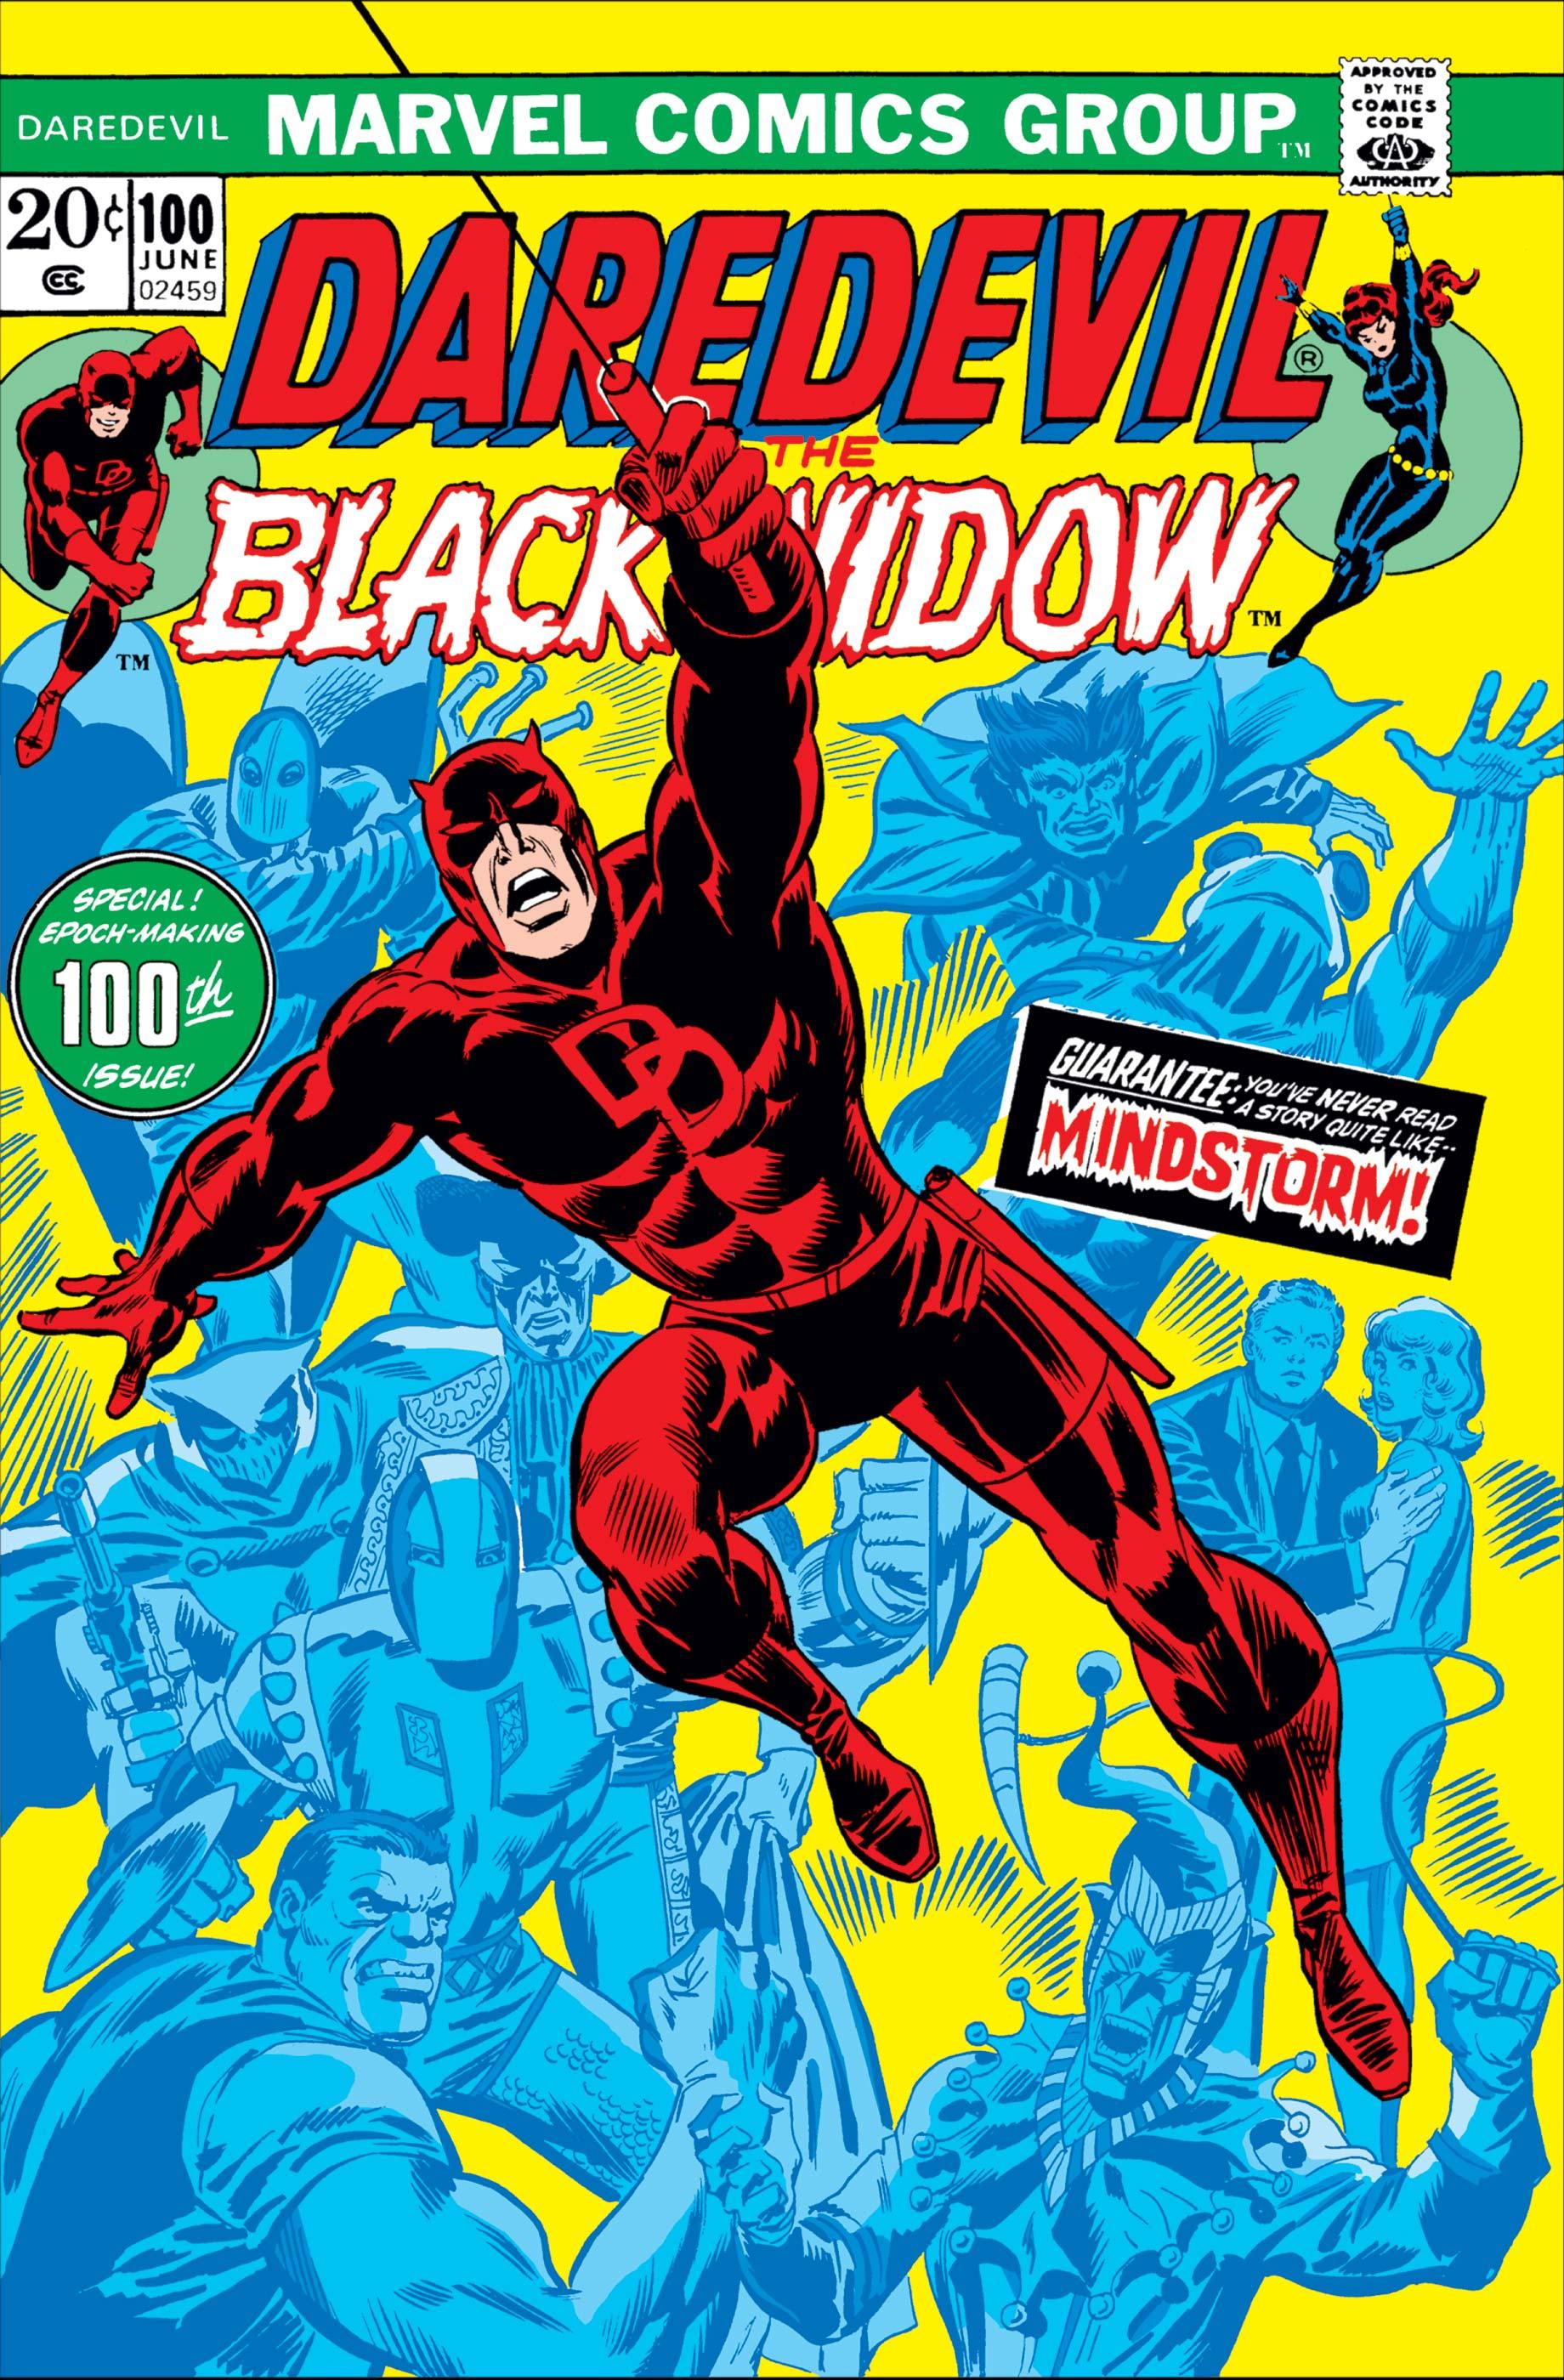 Daredevil (1964) #100